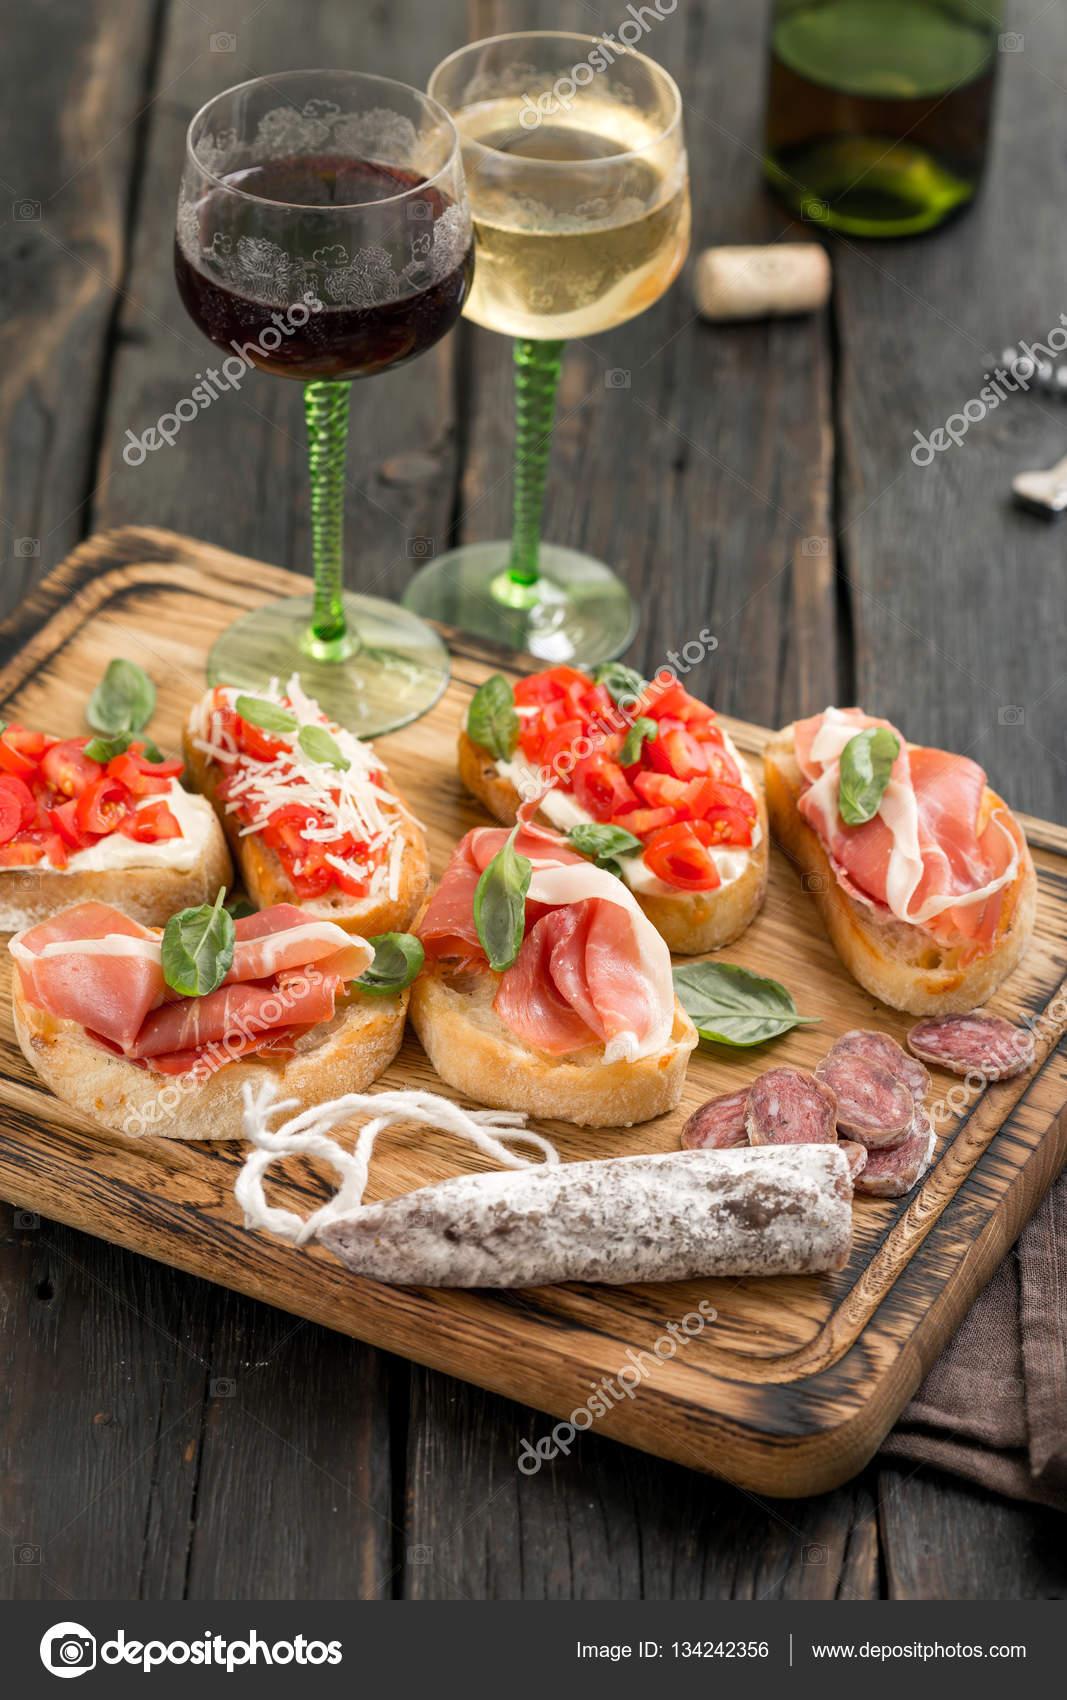 eingestellten italienische snacks serviert auf holzbrett mit wein stockfoto kucherandrey. Black Bedroom Furniture Sets. Home Design Ideas